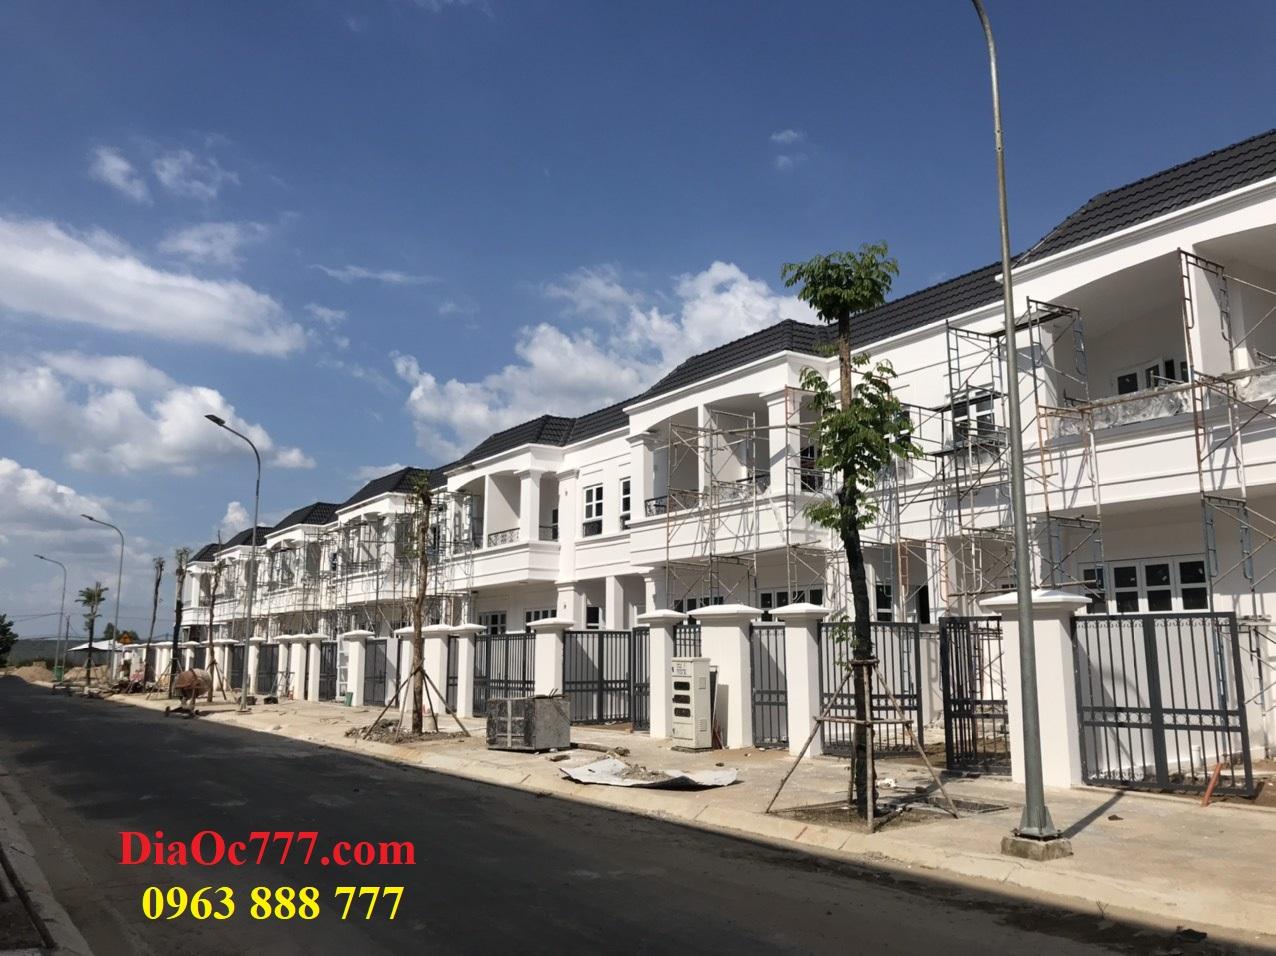 Bán nhà phố liền kề 2 tầng tại dự án Thăng Long Home 194 m2 Nhơn Trạch